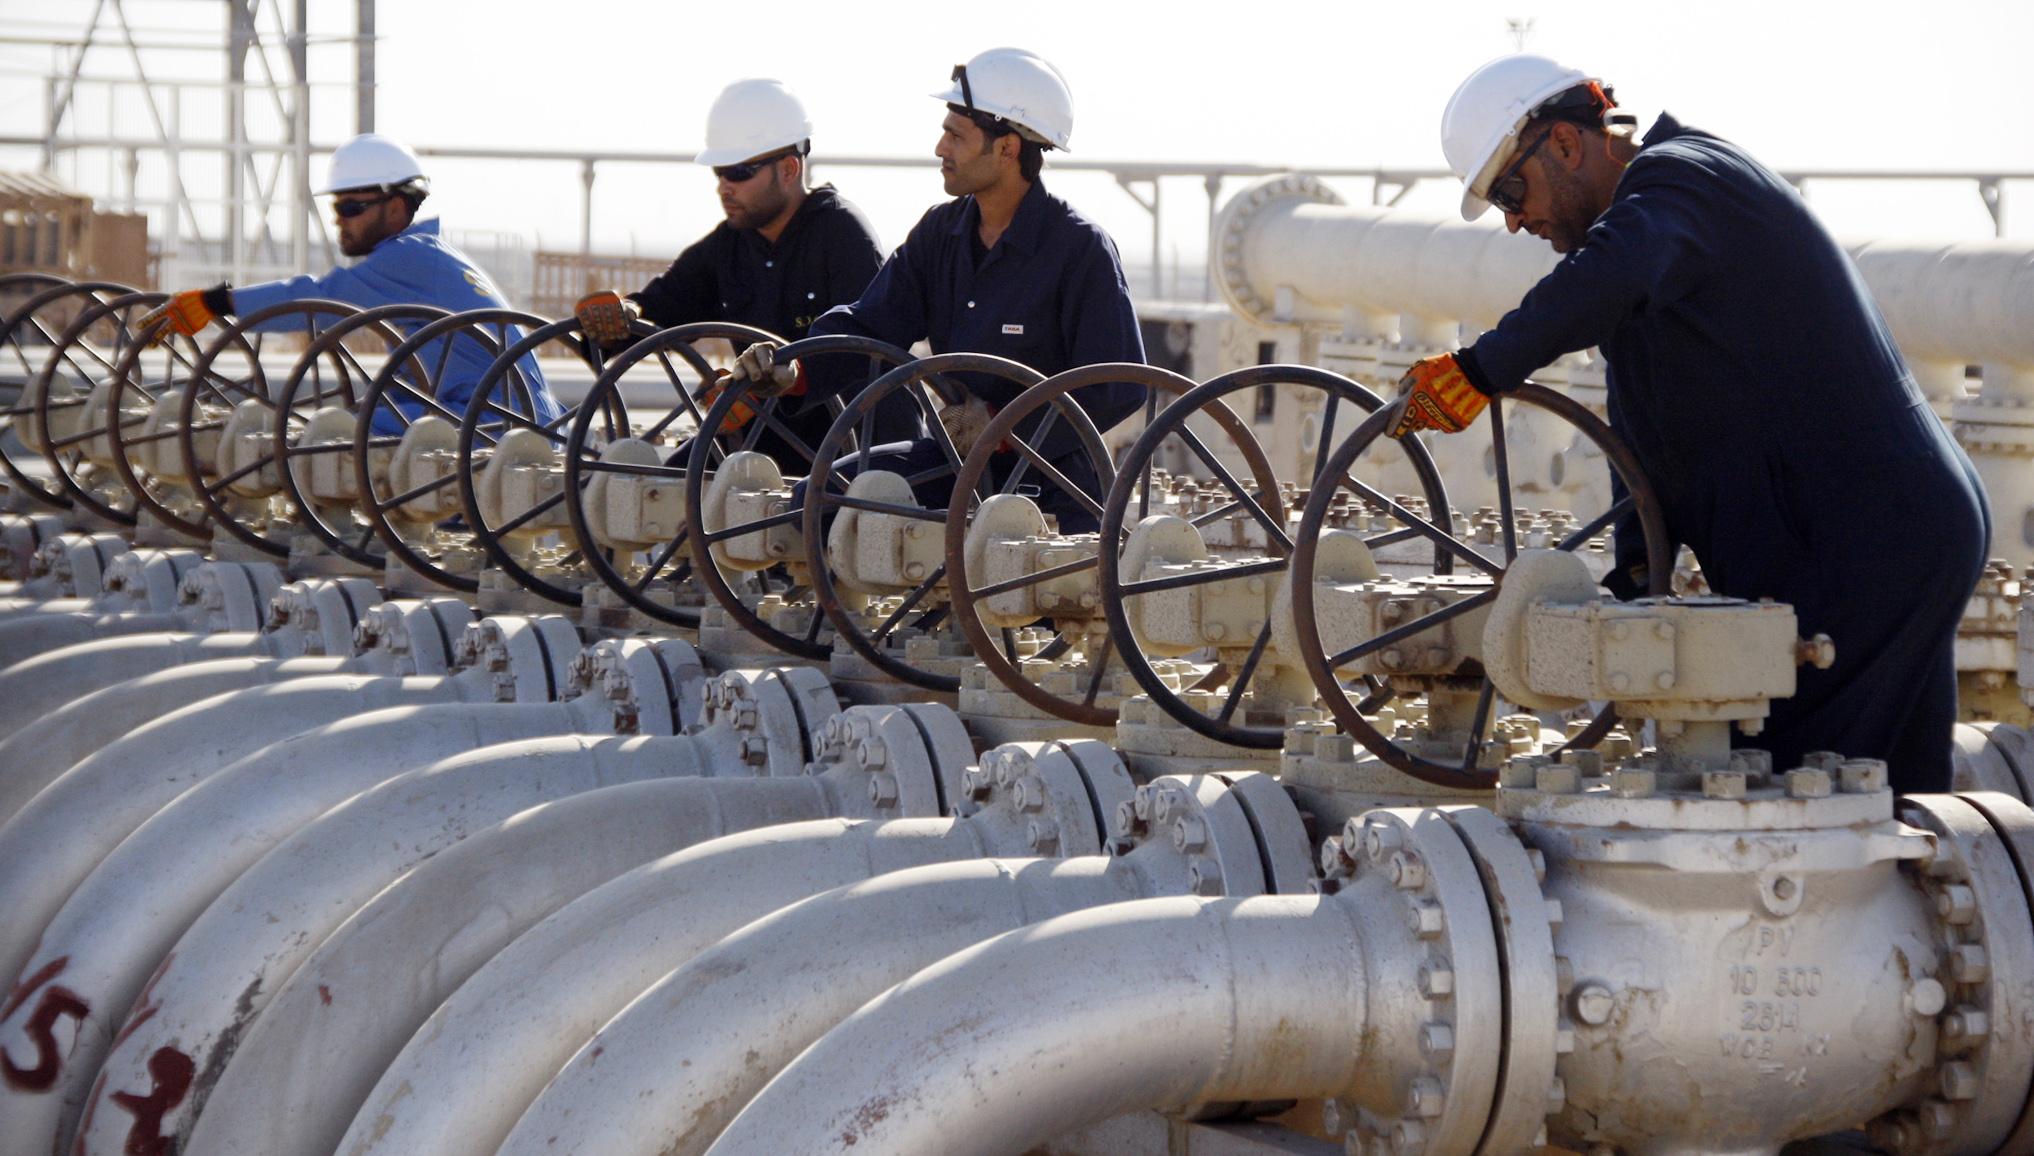 السلطة القضائية تكشف عن مجموعة لداعش اعدت لحرق حقول نفطية بالعراق